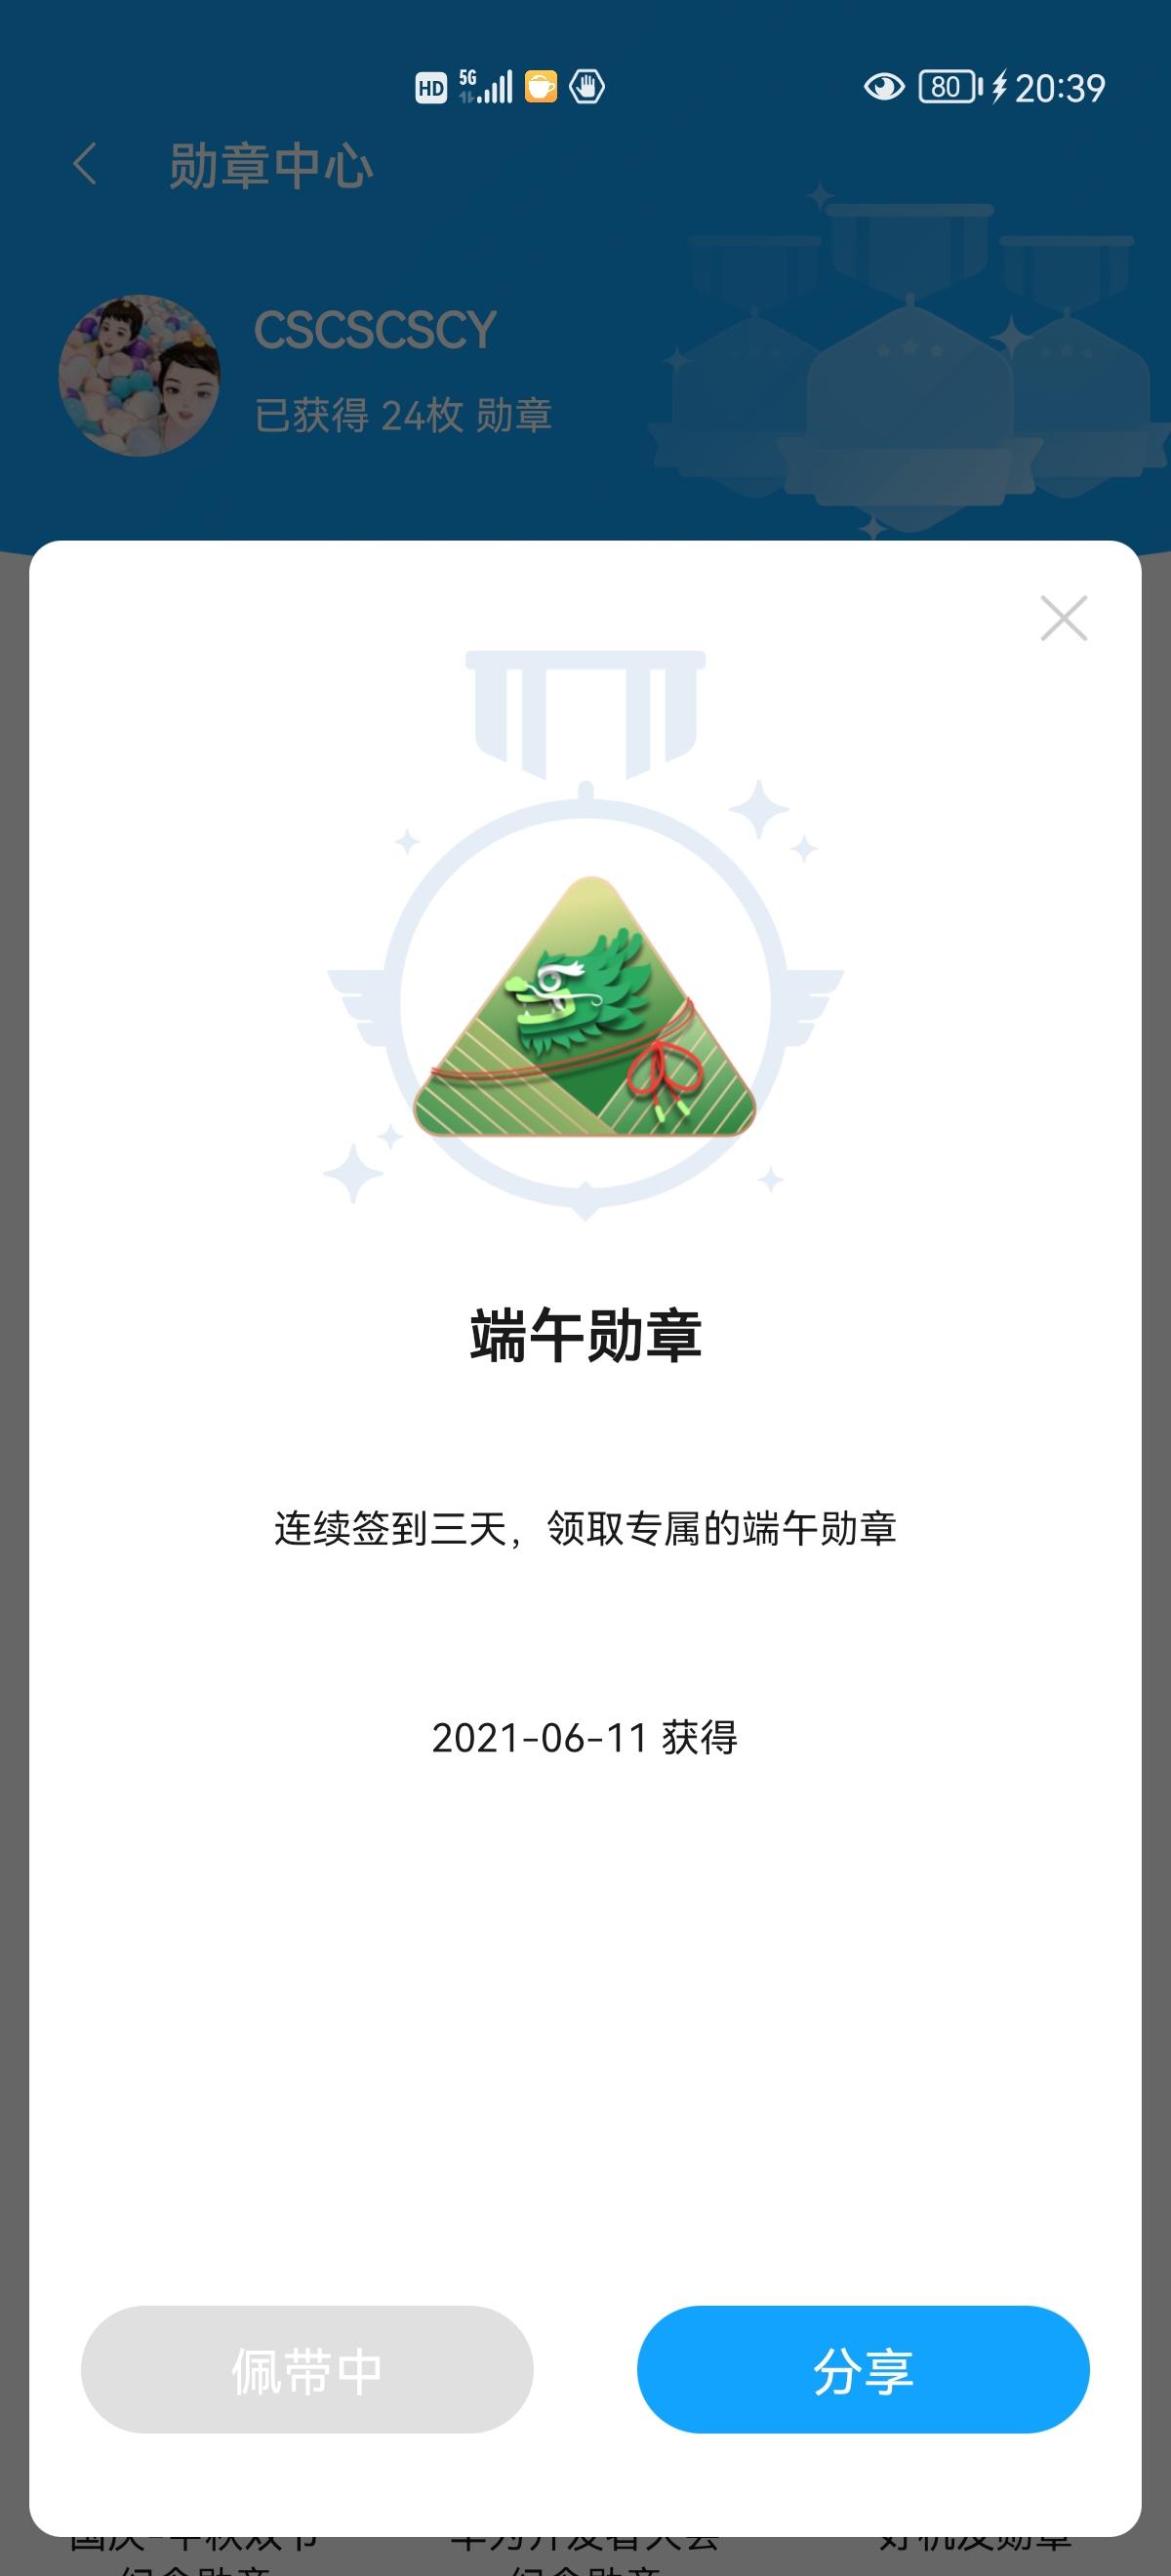 Screenshot_20210611_203904_com.huawei.fans.jpg